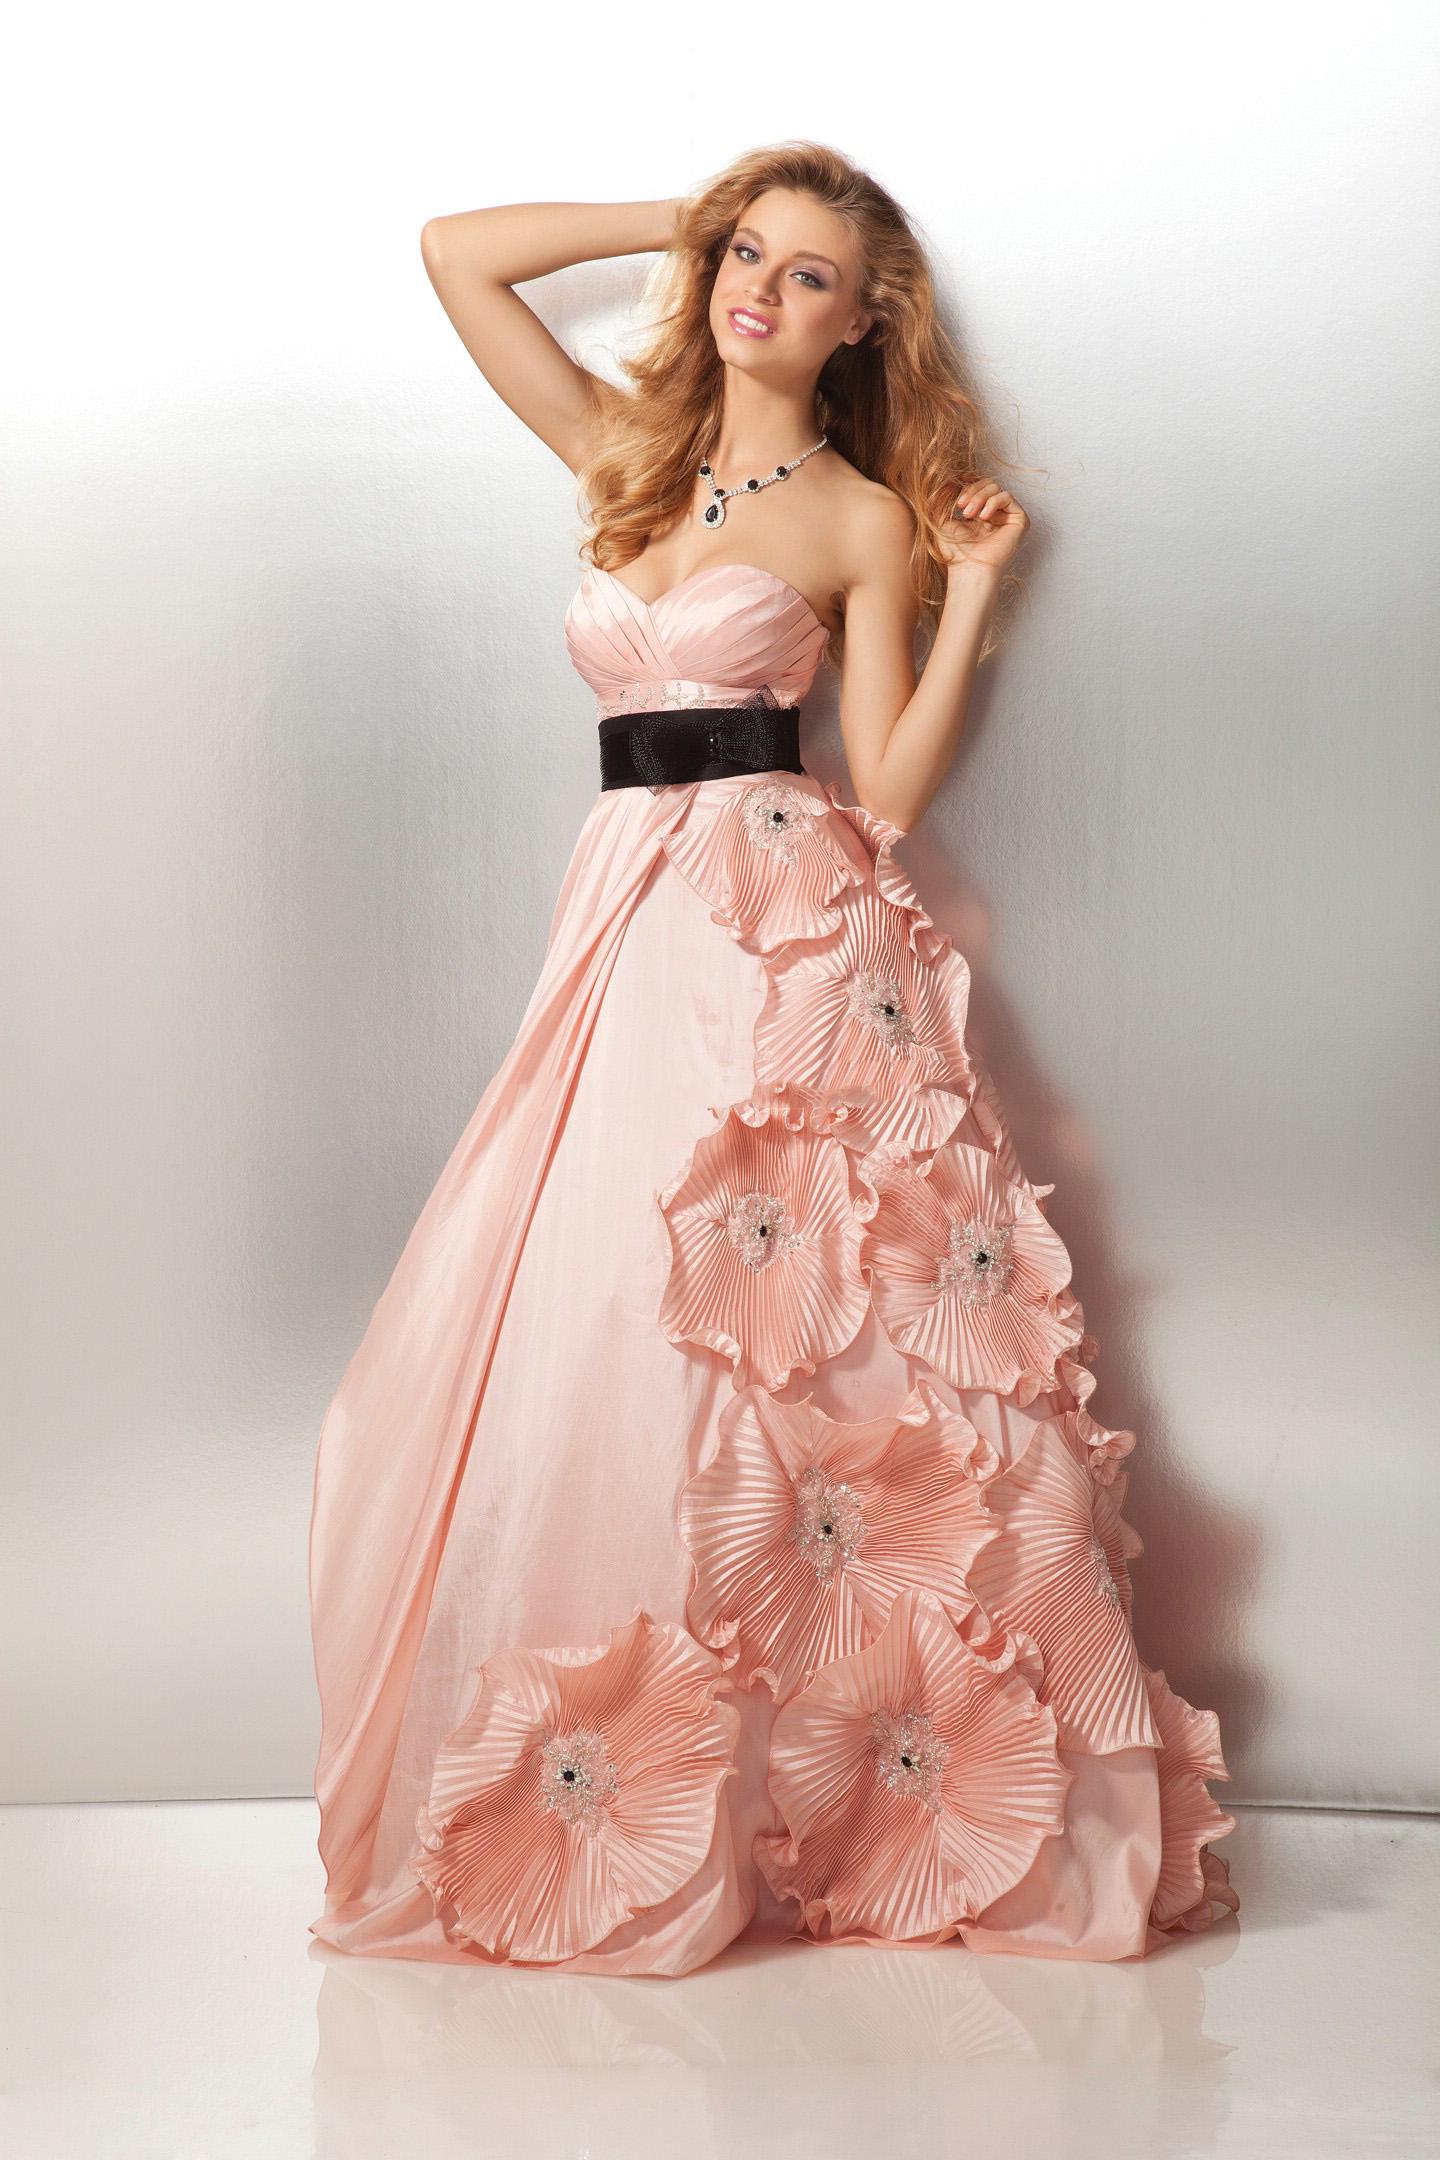 Самые шикарный платья мира